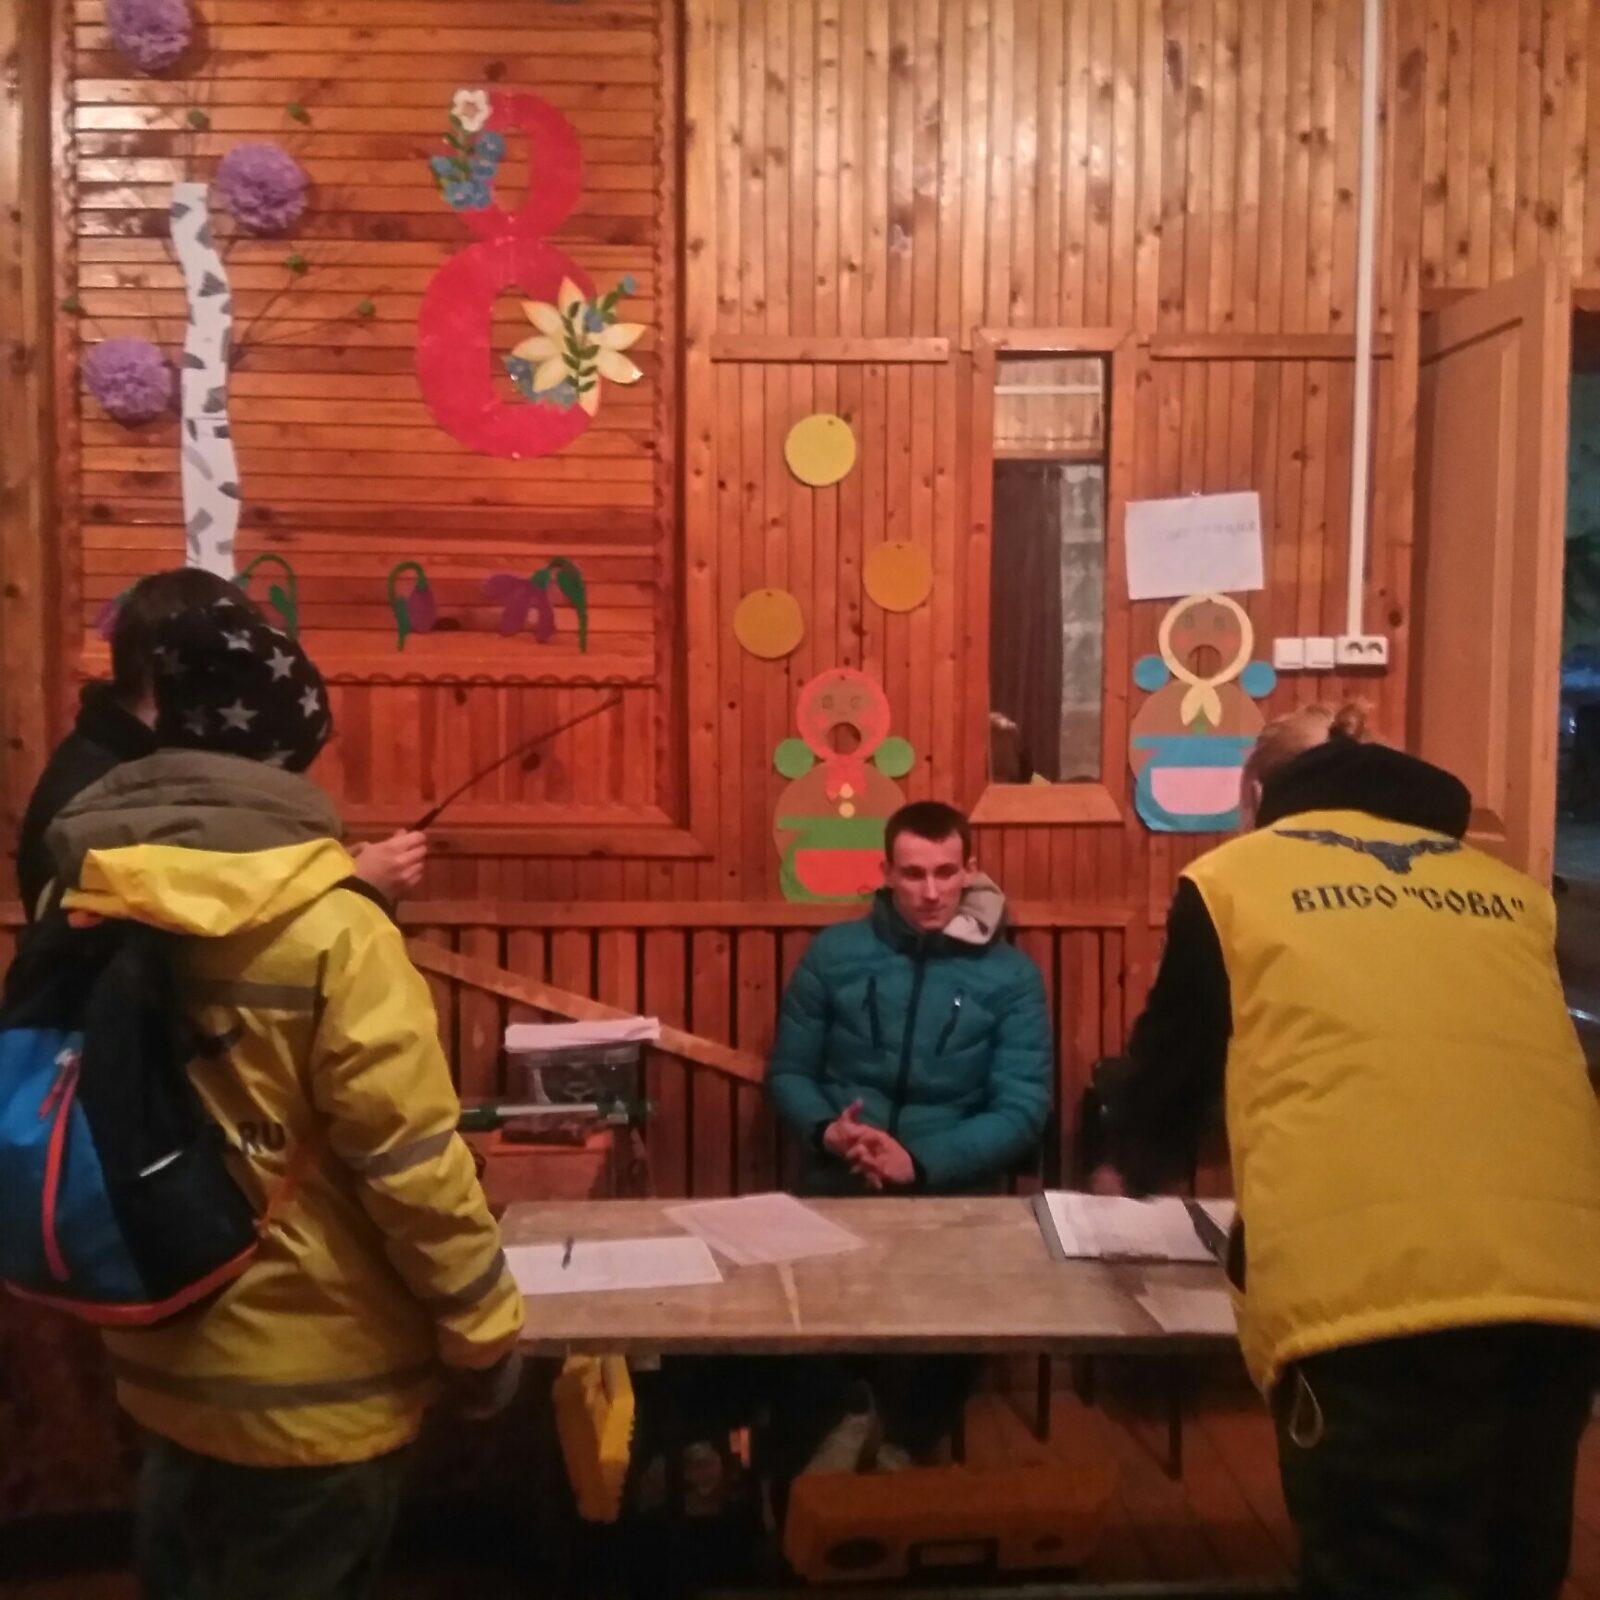 Волонтер из Твери рассказала, сколько человек искали 7-летнюю девочку